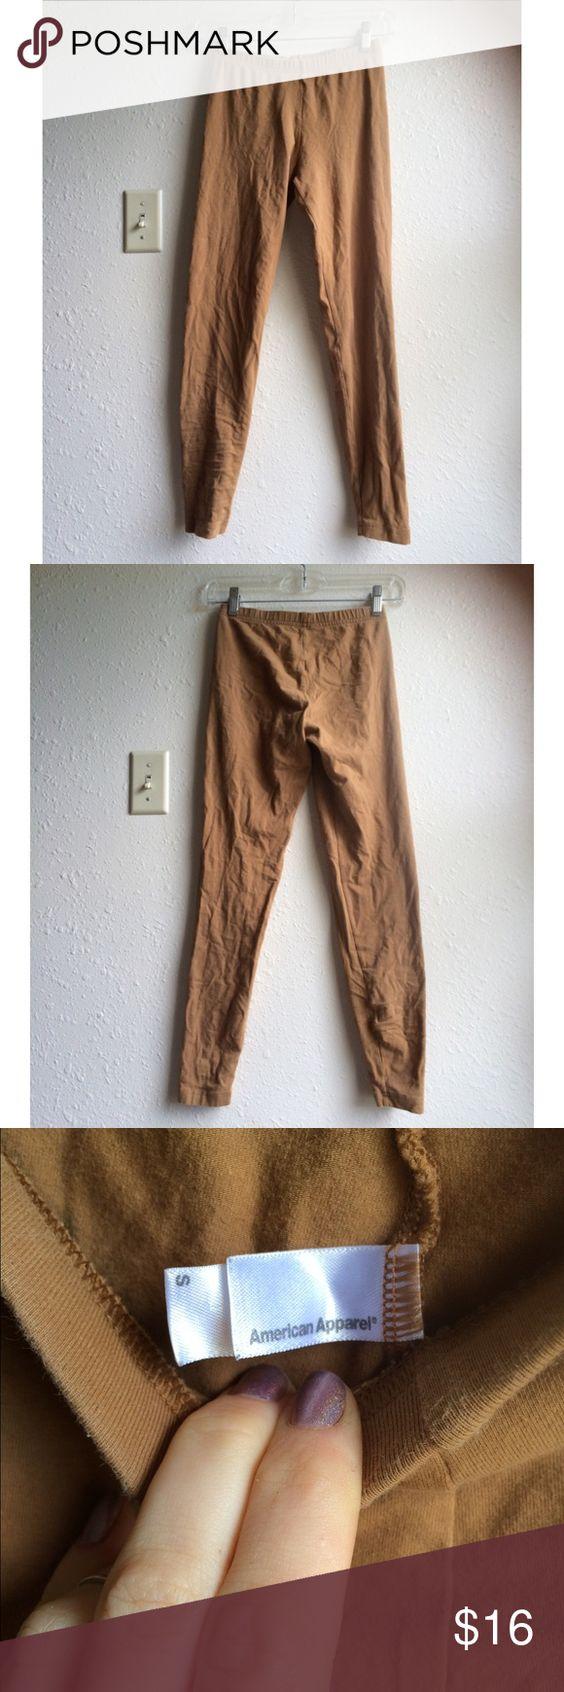 Tan American Apparel Leggings Tan American Apparel leggings in good condition. Size small. American Apparel Pants Leggings